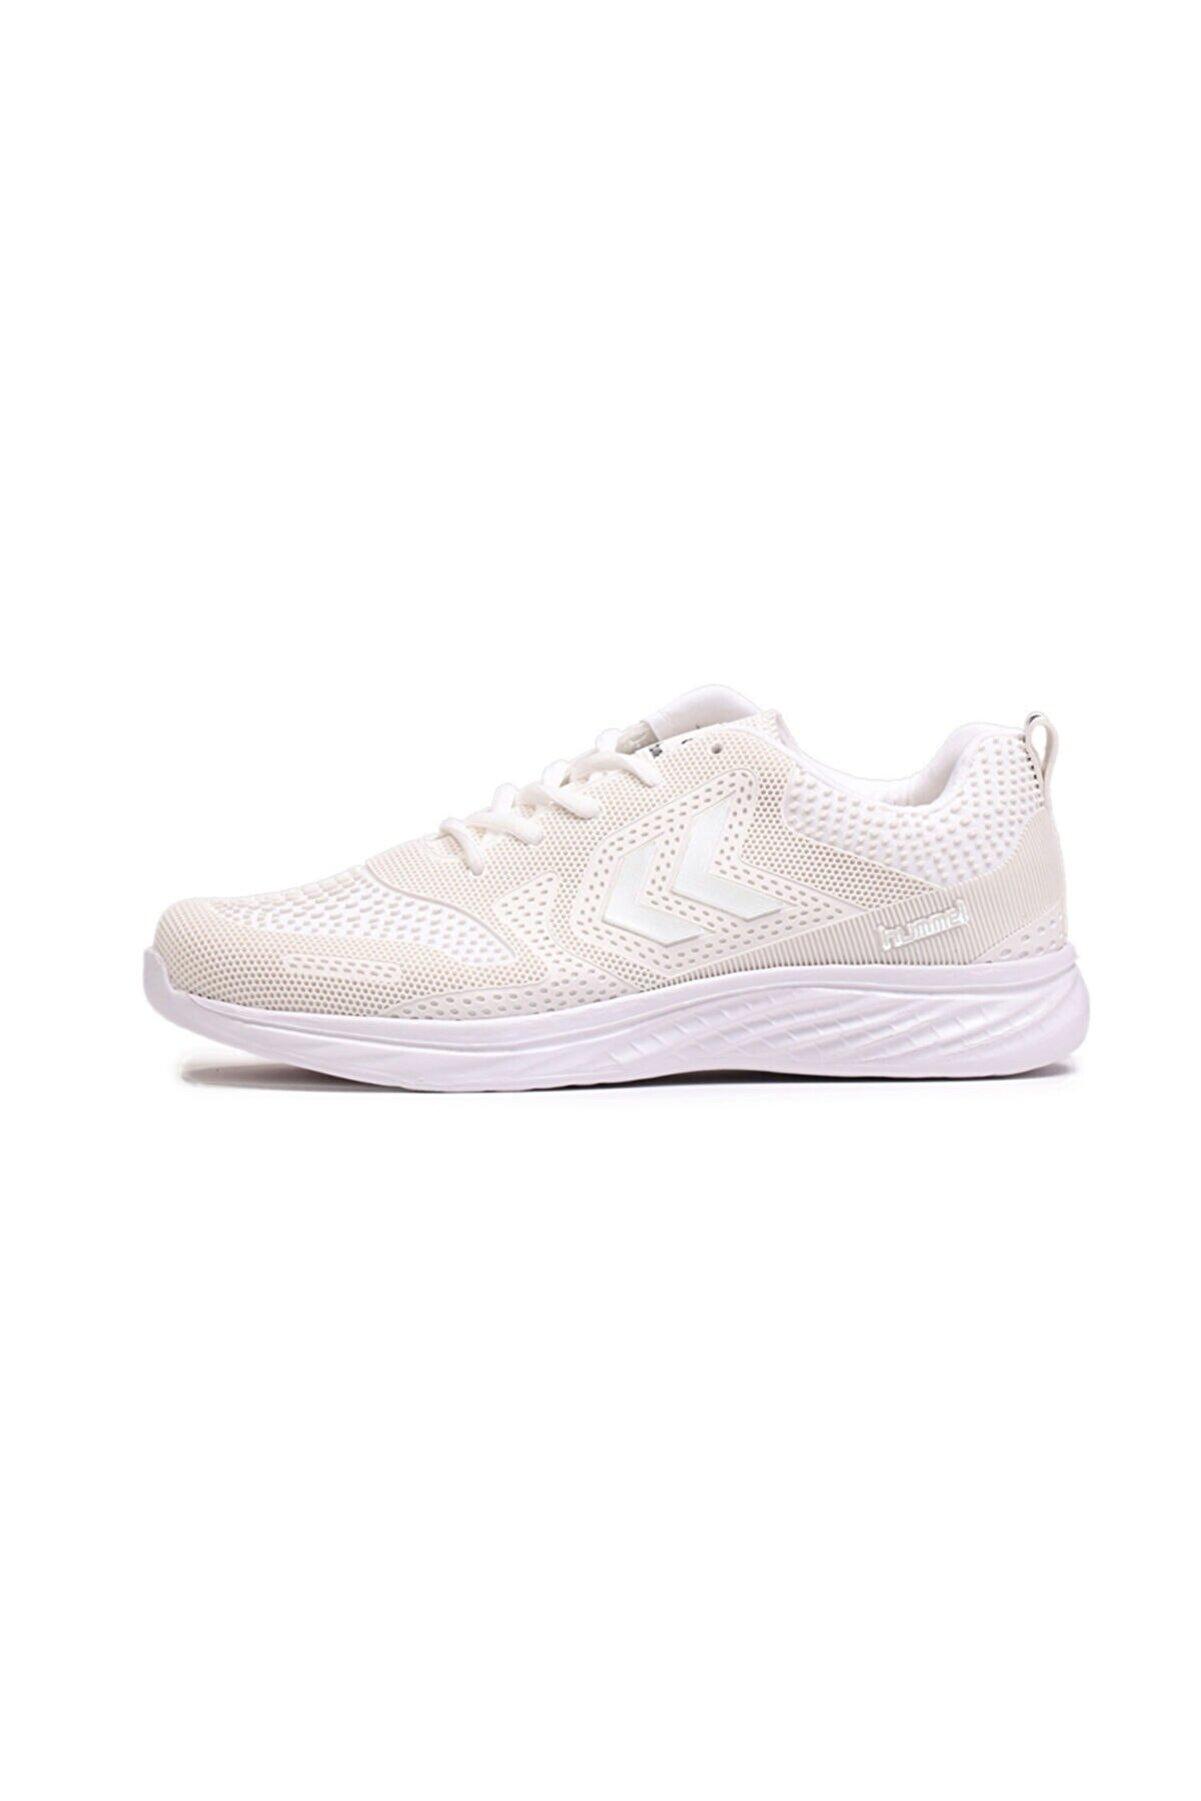 HUMMEL FLOW SNEAKER Beyaz Unisex Koşu Ayakkabısı 100515987